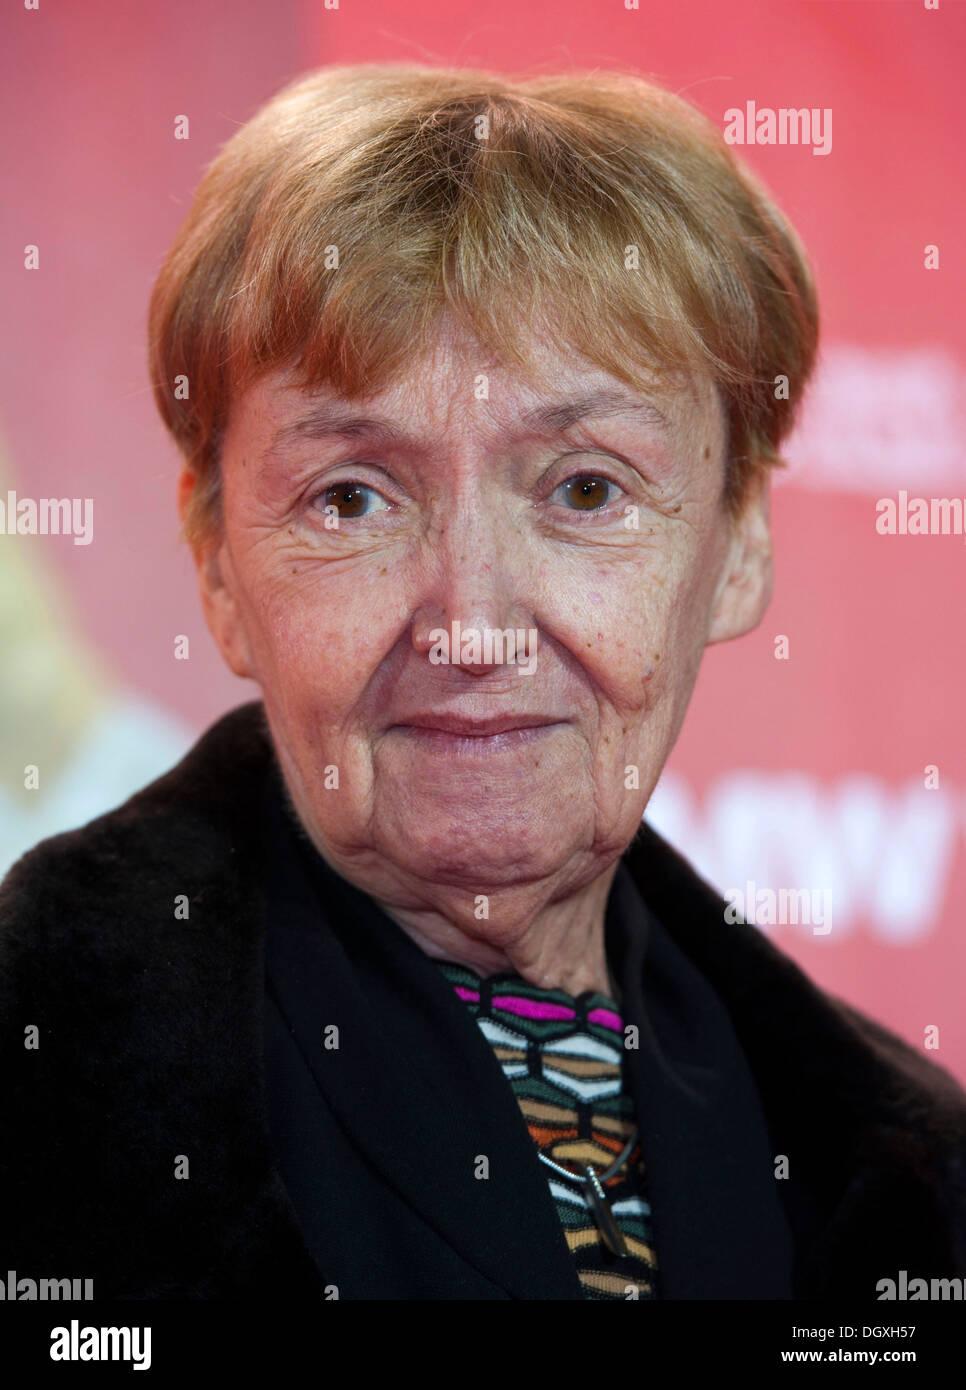 L'écrivain allemand Christine Noestlinger lors d'un photocall à Munich, Bavière Photo Stock